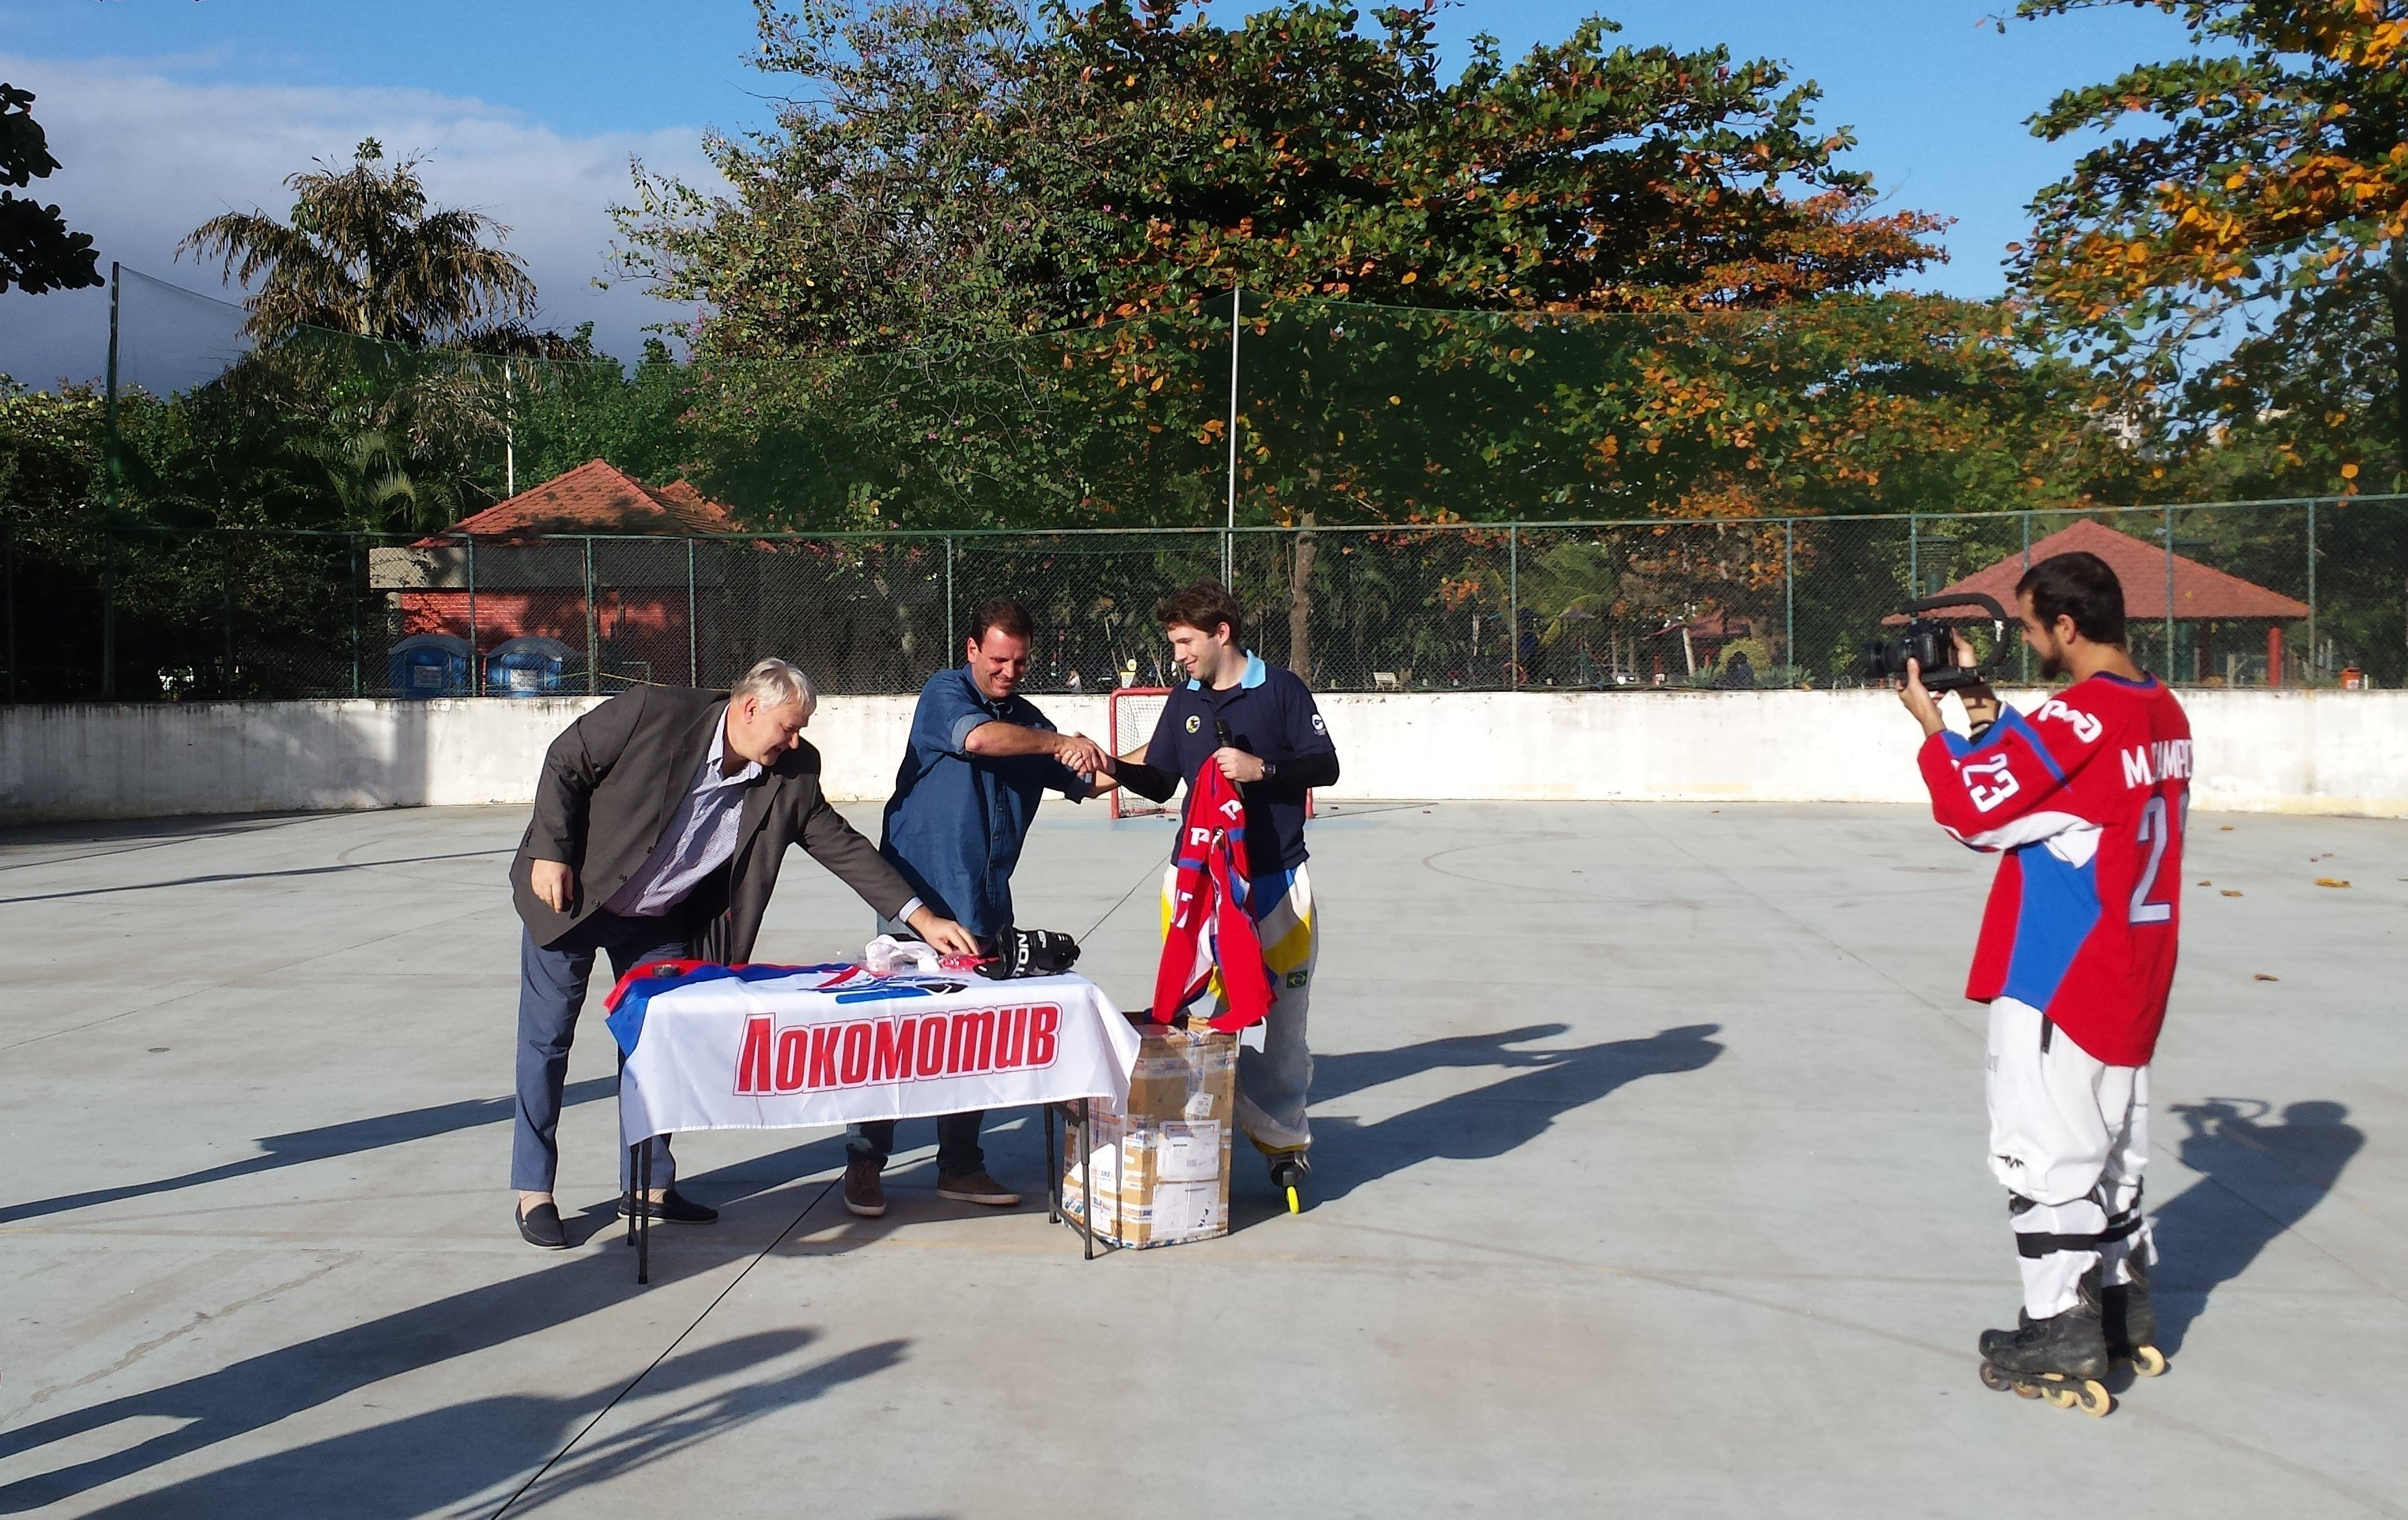 Cônsul da Rússia na capital fluminense e prefeito entregam os uniformes enviados pelos torcedores do Lokomotiv Yaroslavl ao Lokomotiv Rio